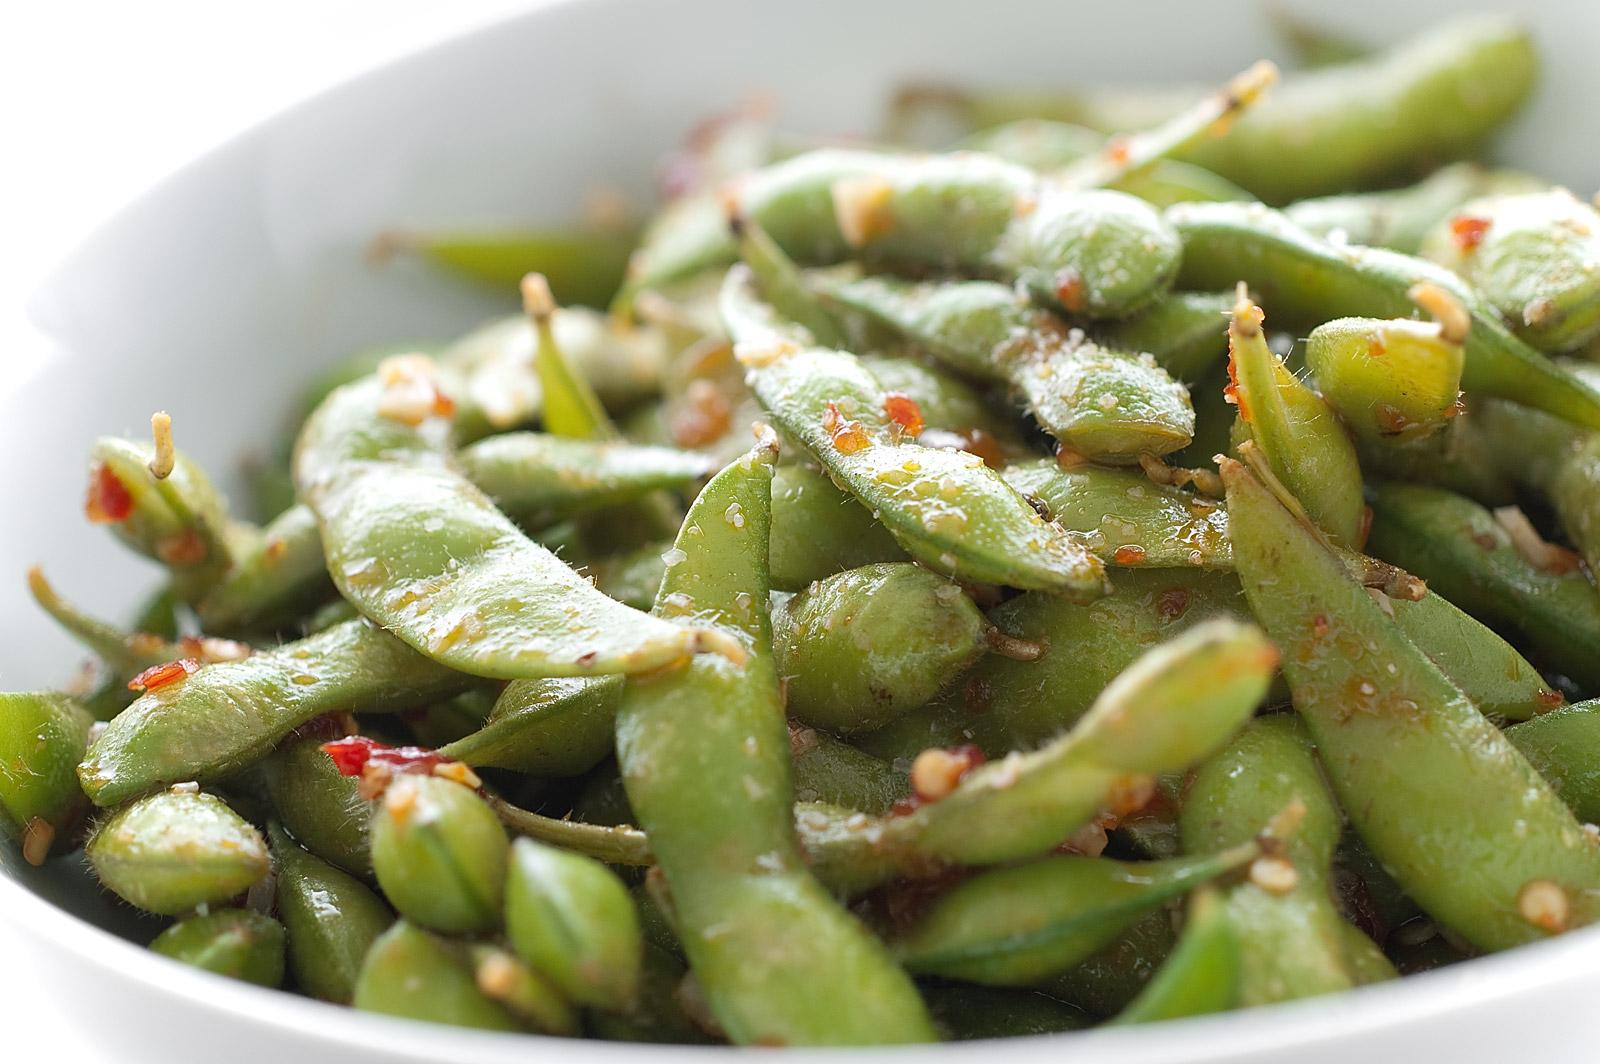 chili-garlic-edamame1